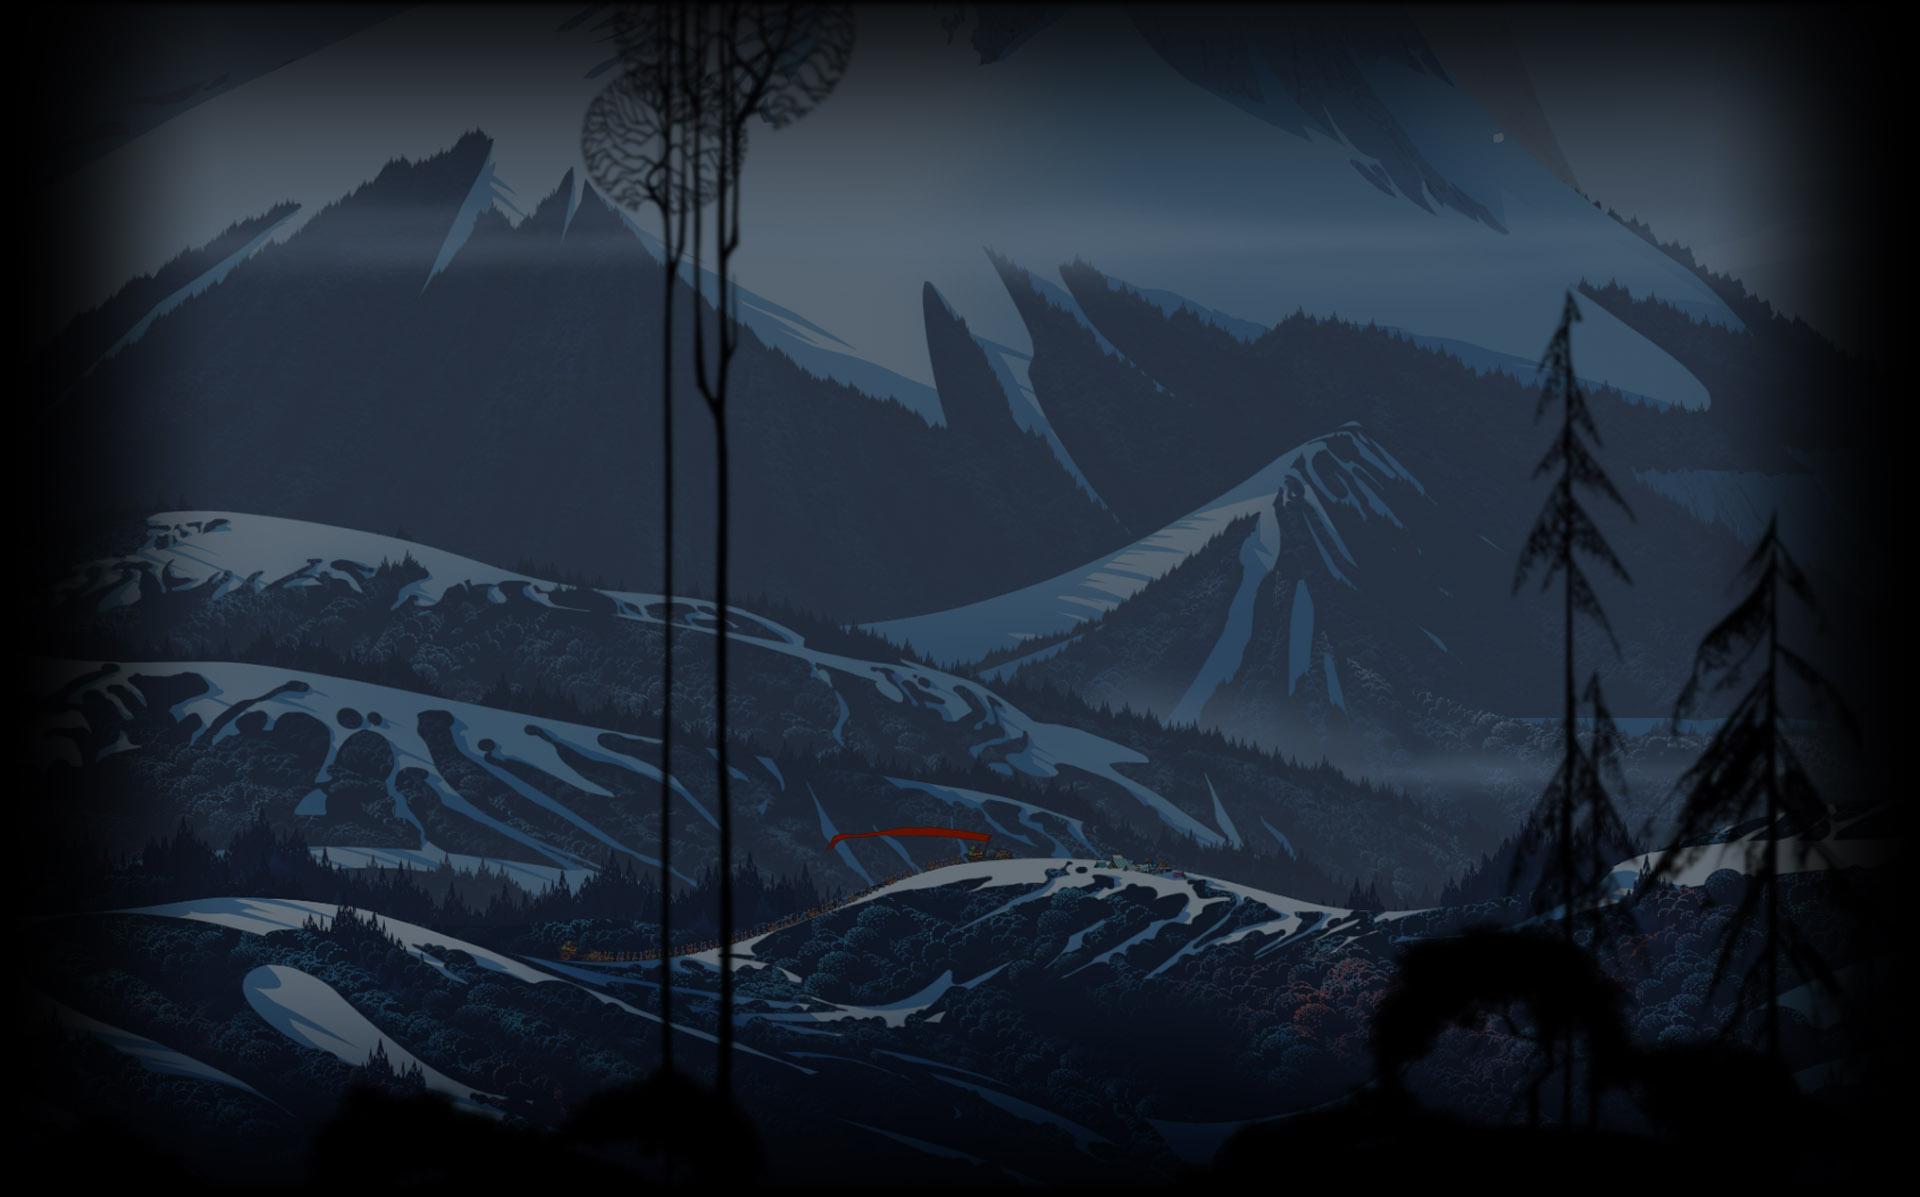 Banner Saga Wallpaper - WallpaperSafari